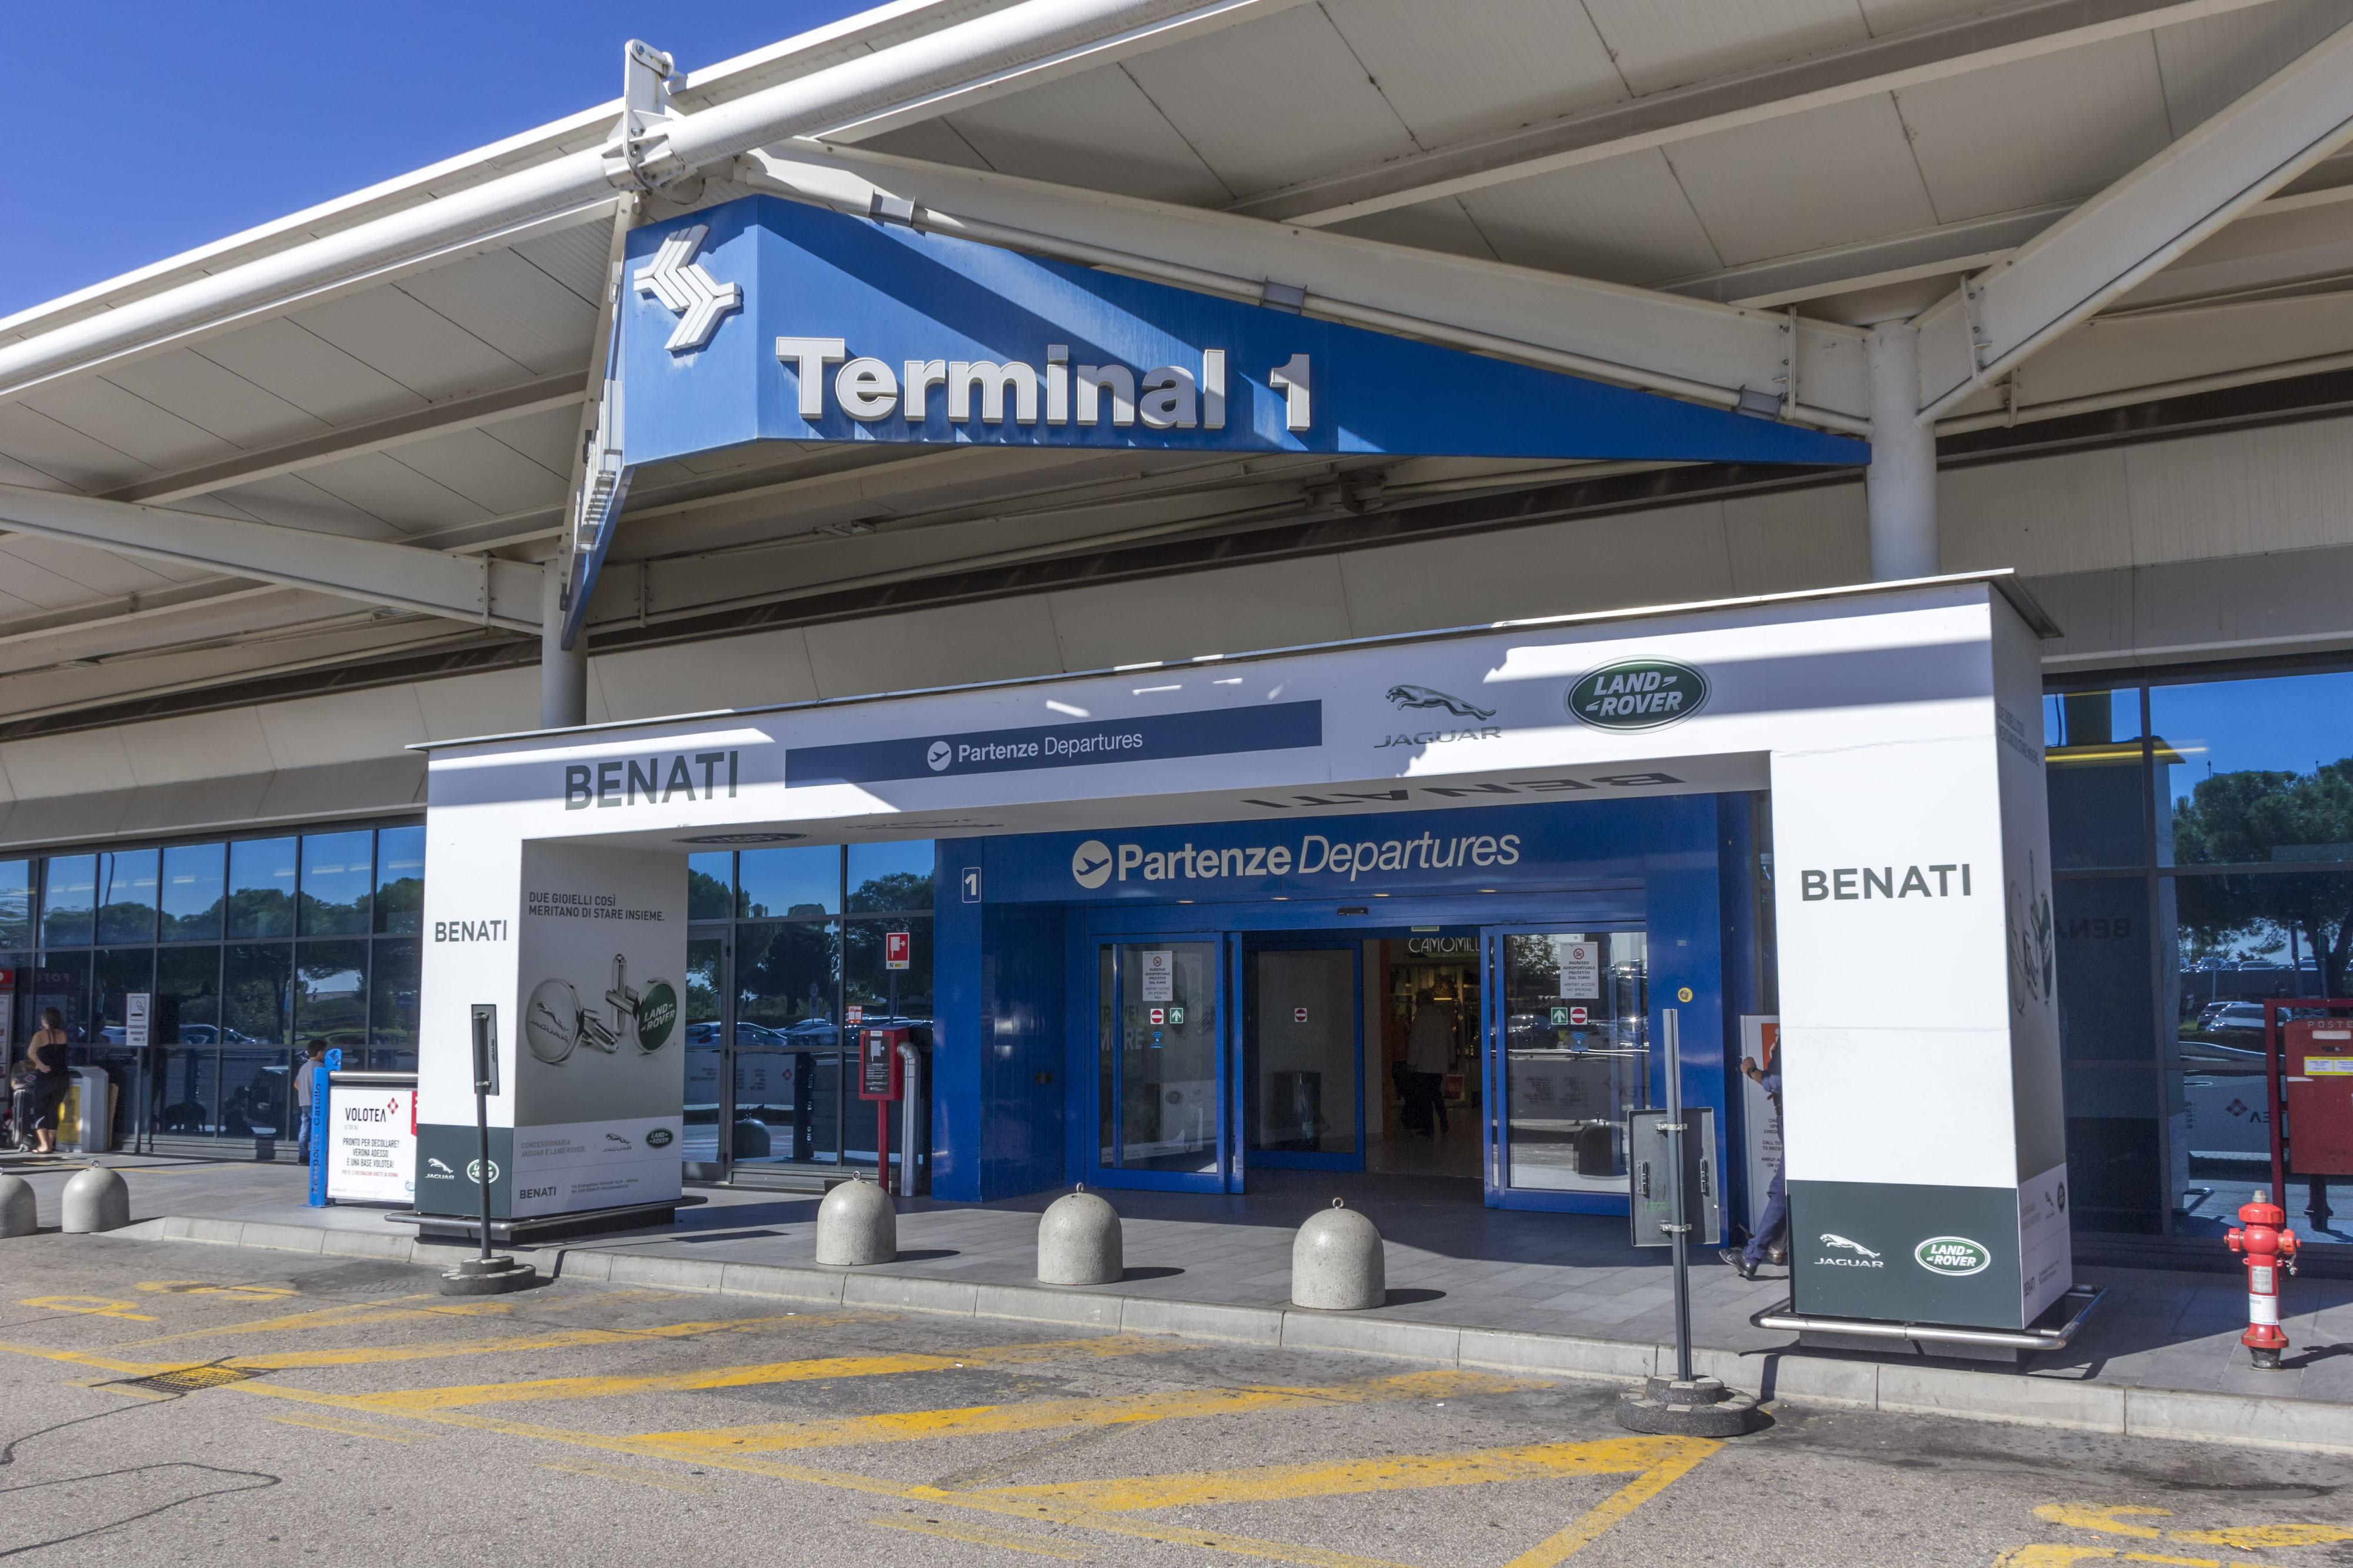 Aeroporto di Verona: i dati Assaeroporti di marzo 2019 ...